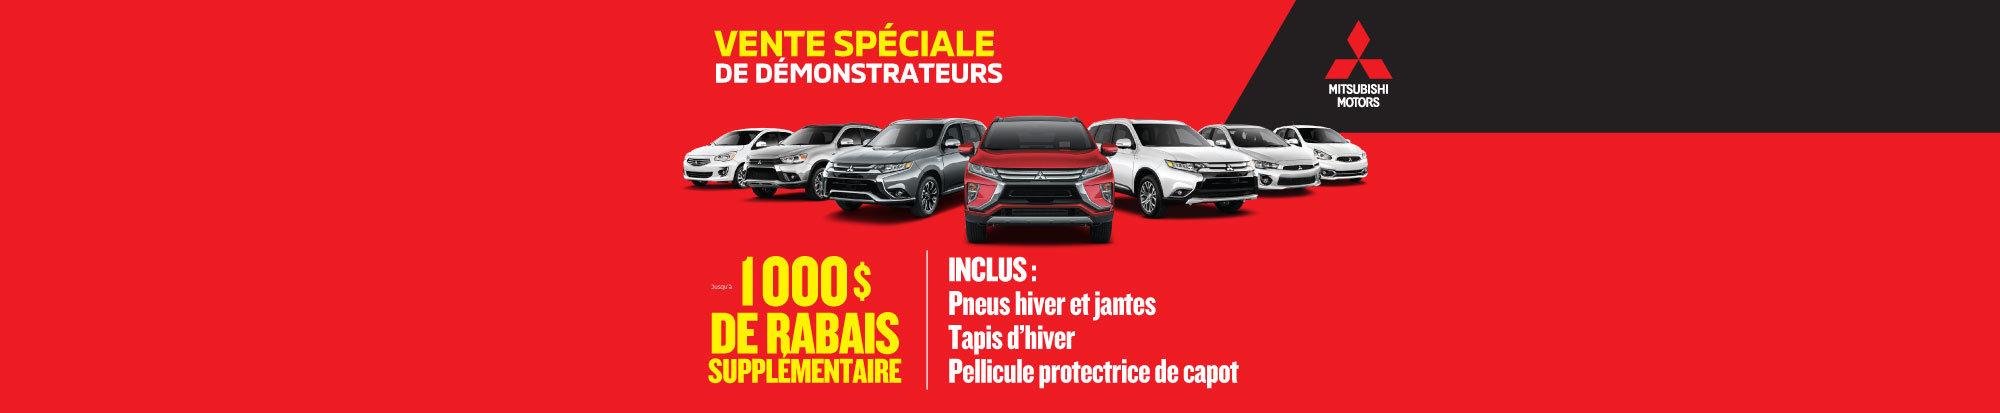 Participez à notre vente spéciale de DÉMONSTRATEURS! web